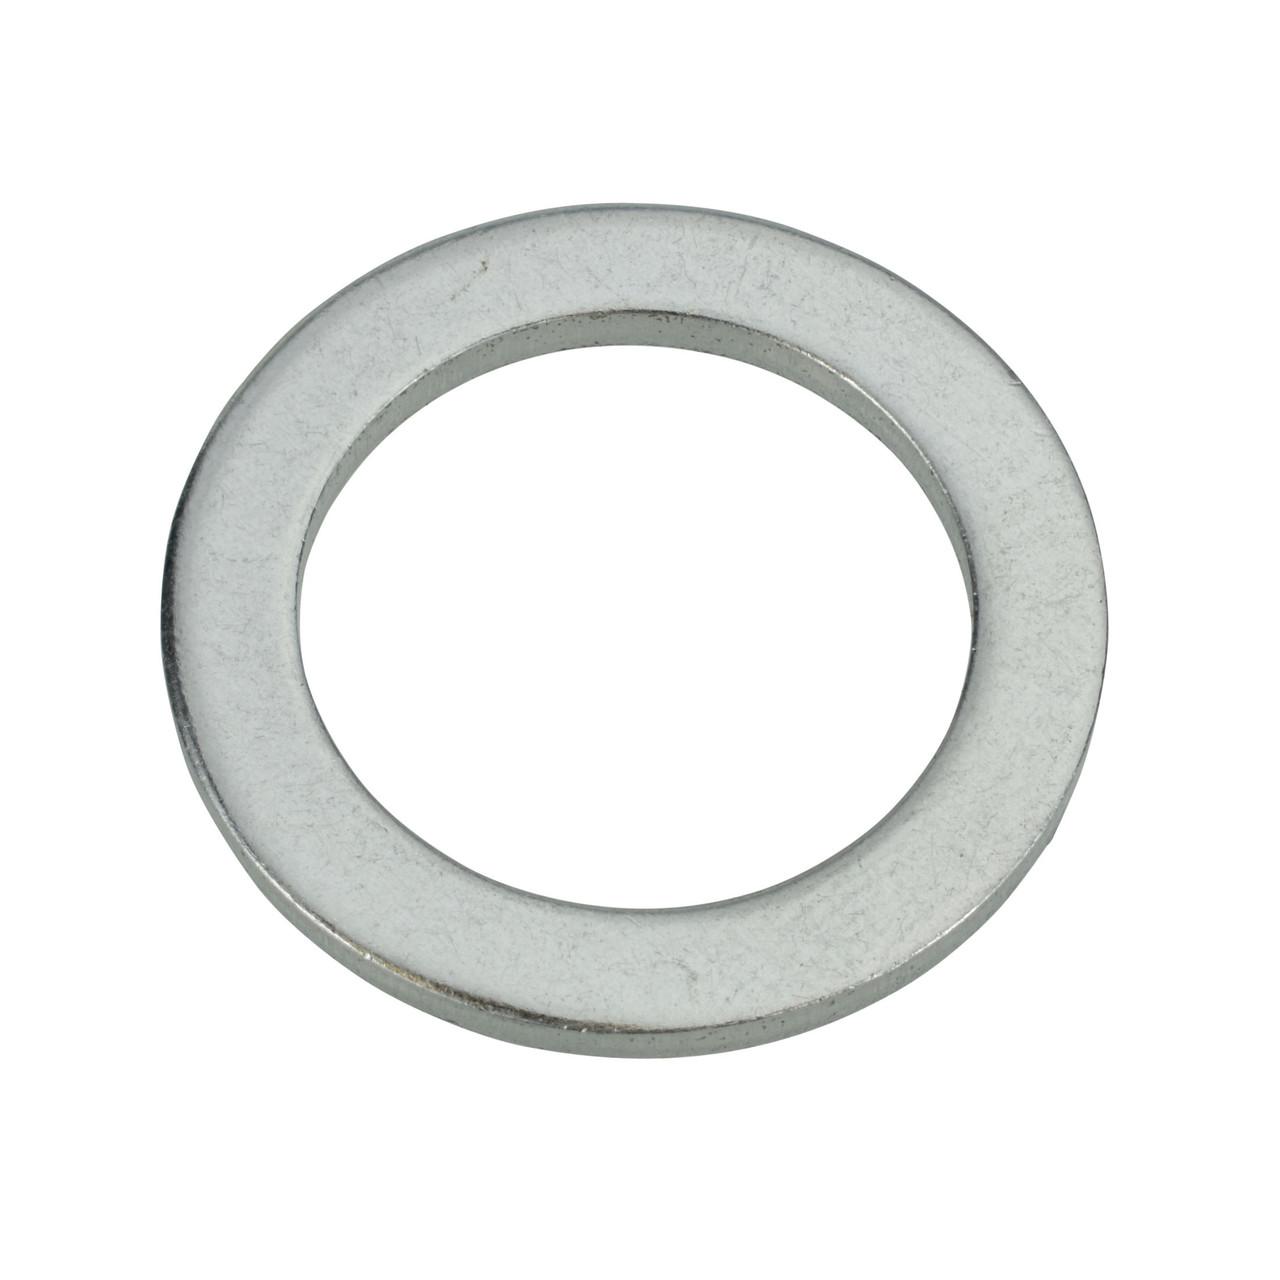 M18 Aluminum Oil Drain Plug Gasket - Interchanges: Honda 90471-PX4-003